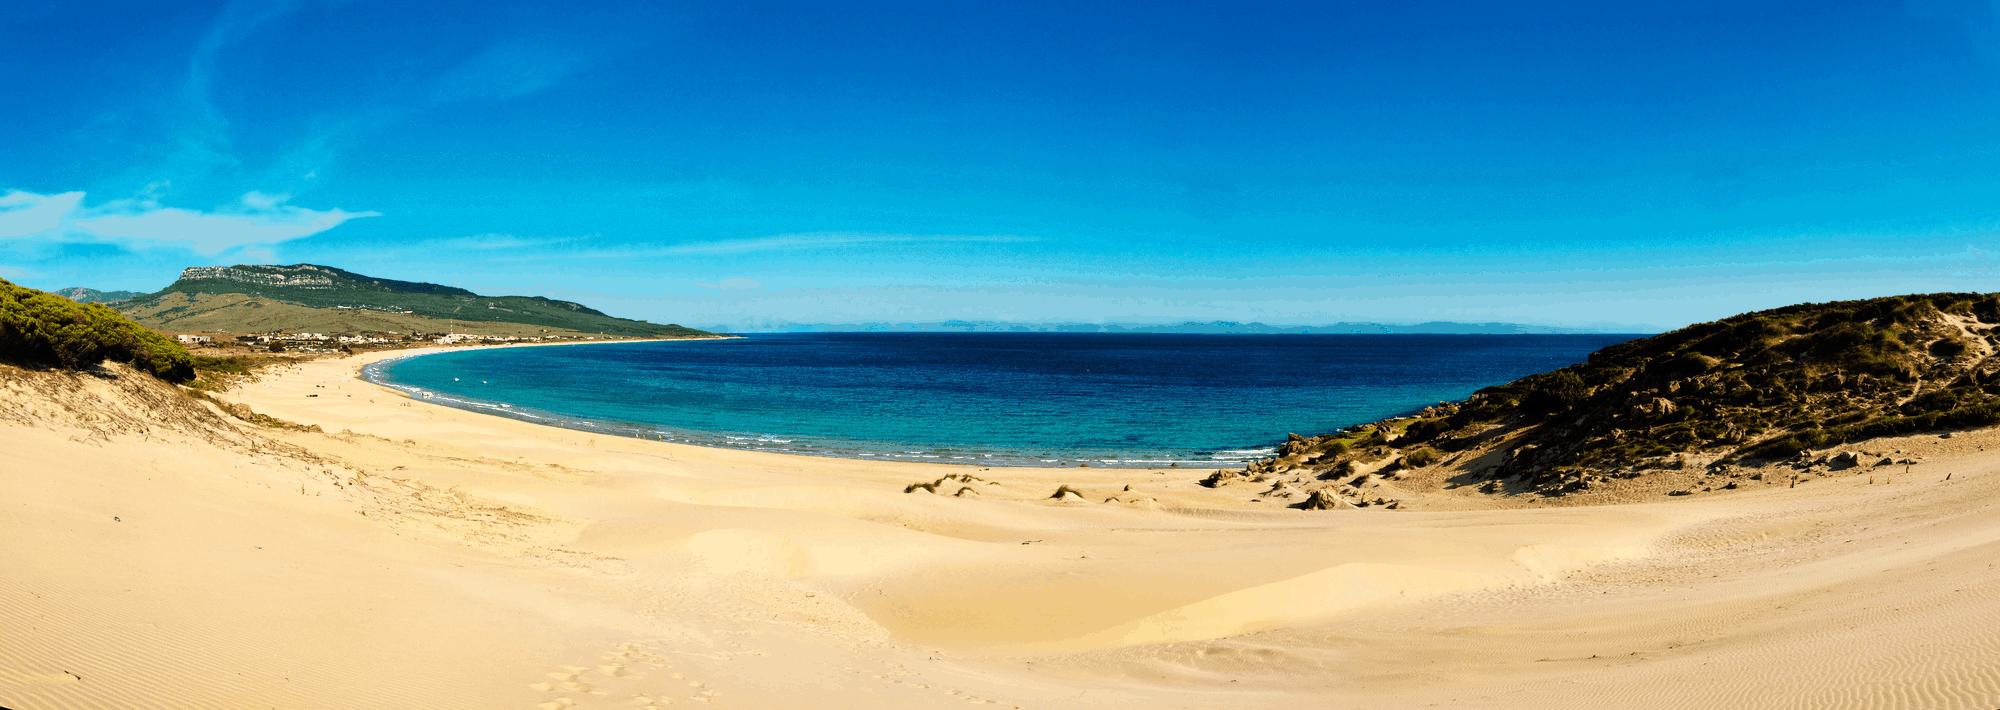 Die schönsten Strände der spanischen Atlantikküste befinden sich an der südlichen Atlantikküste, der Costa de la Luz.